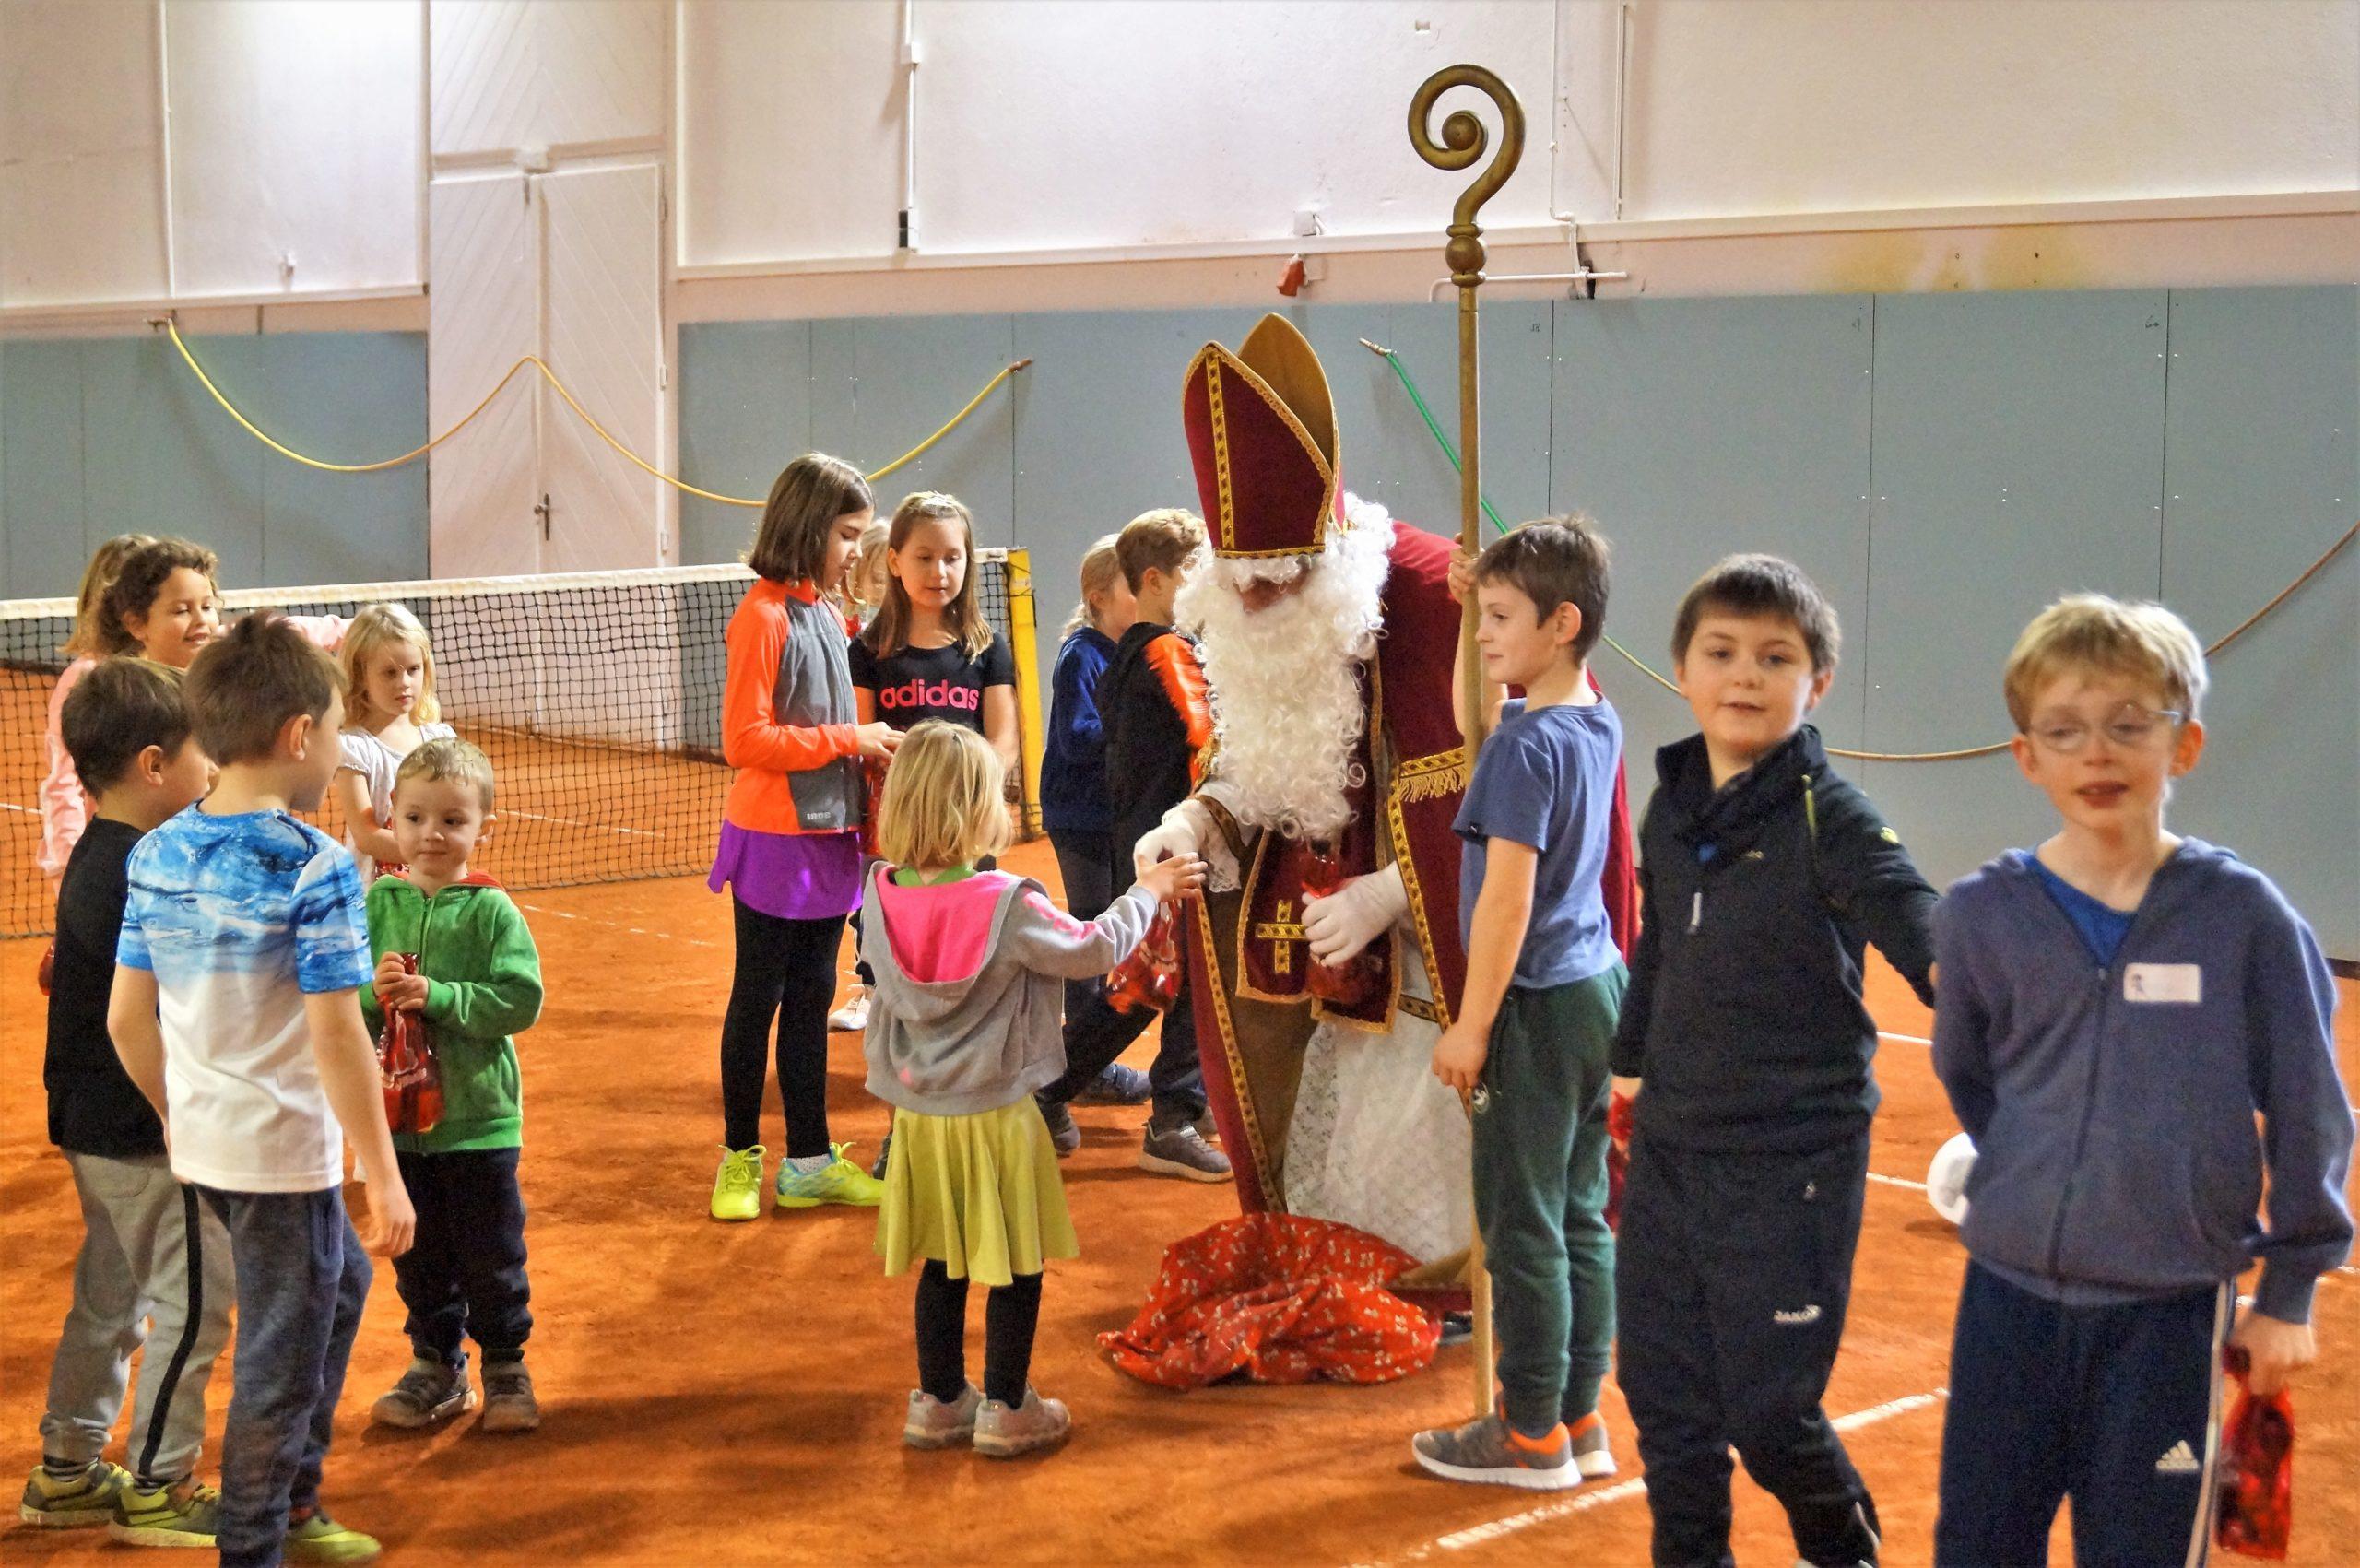 Kinder, Tennis und Nikolaus im Eldorado in Payerbach